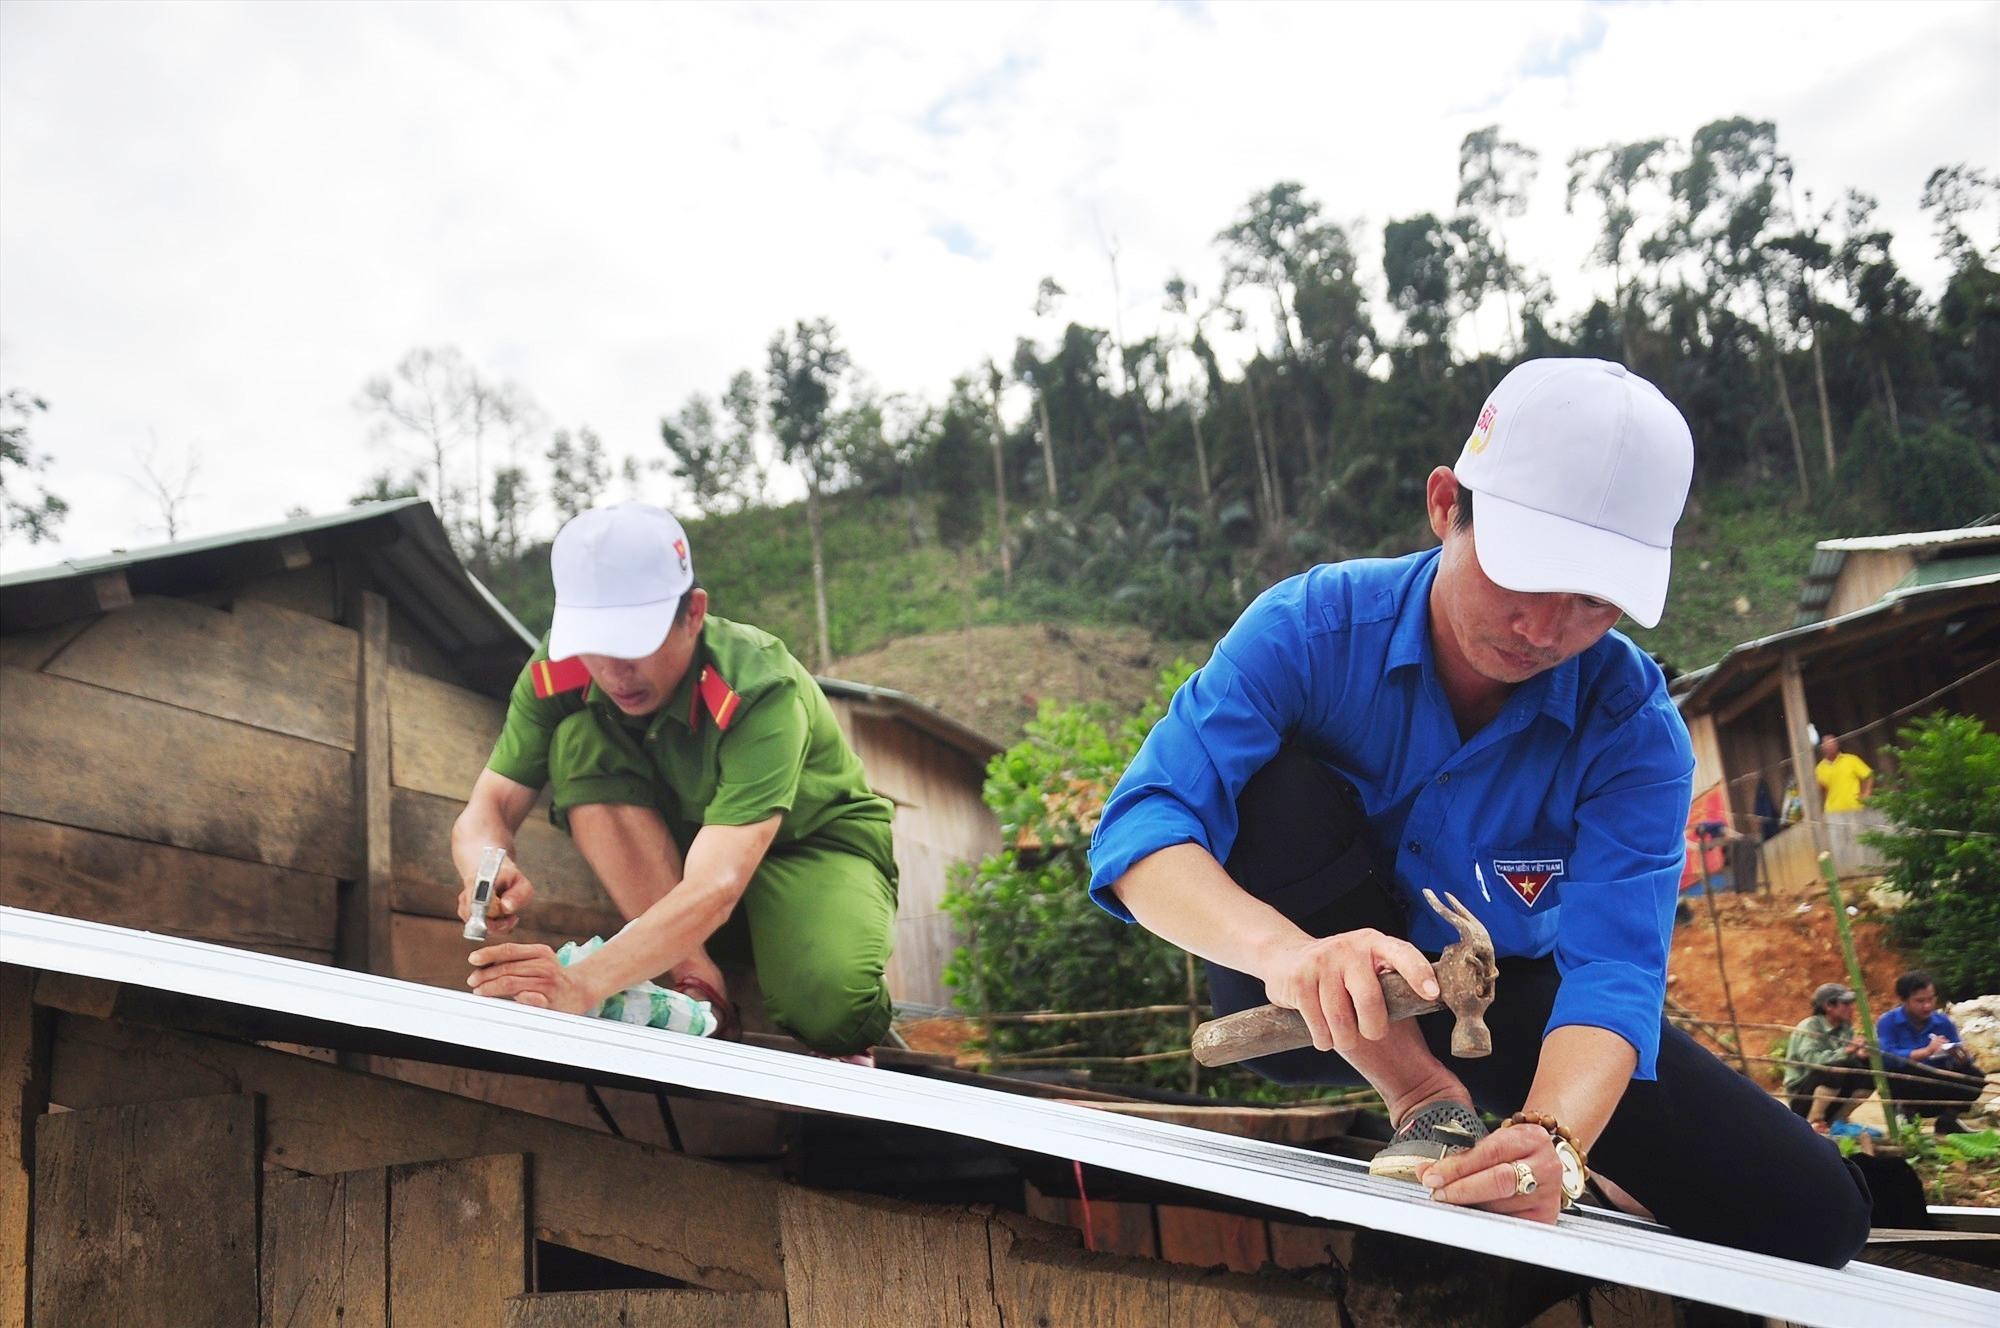 Tham gia hoạt động sửa chữa nhà có đoàn viên thanh niên Trường Cao đẳng Kinh tế - kỹ thuật Quảng Nam và Công an tỉnh. Ảnh: VINH ANH